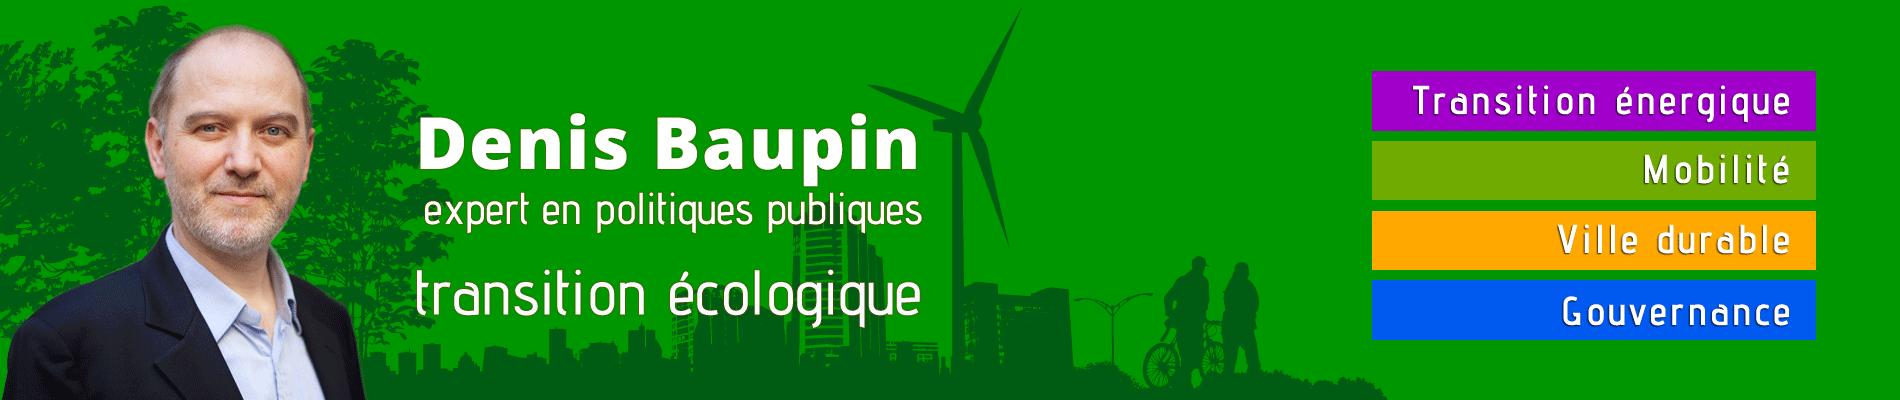 Denis Baupin logo